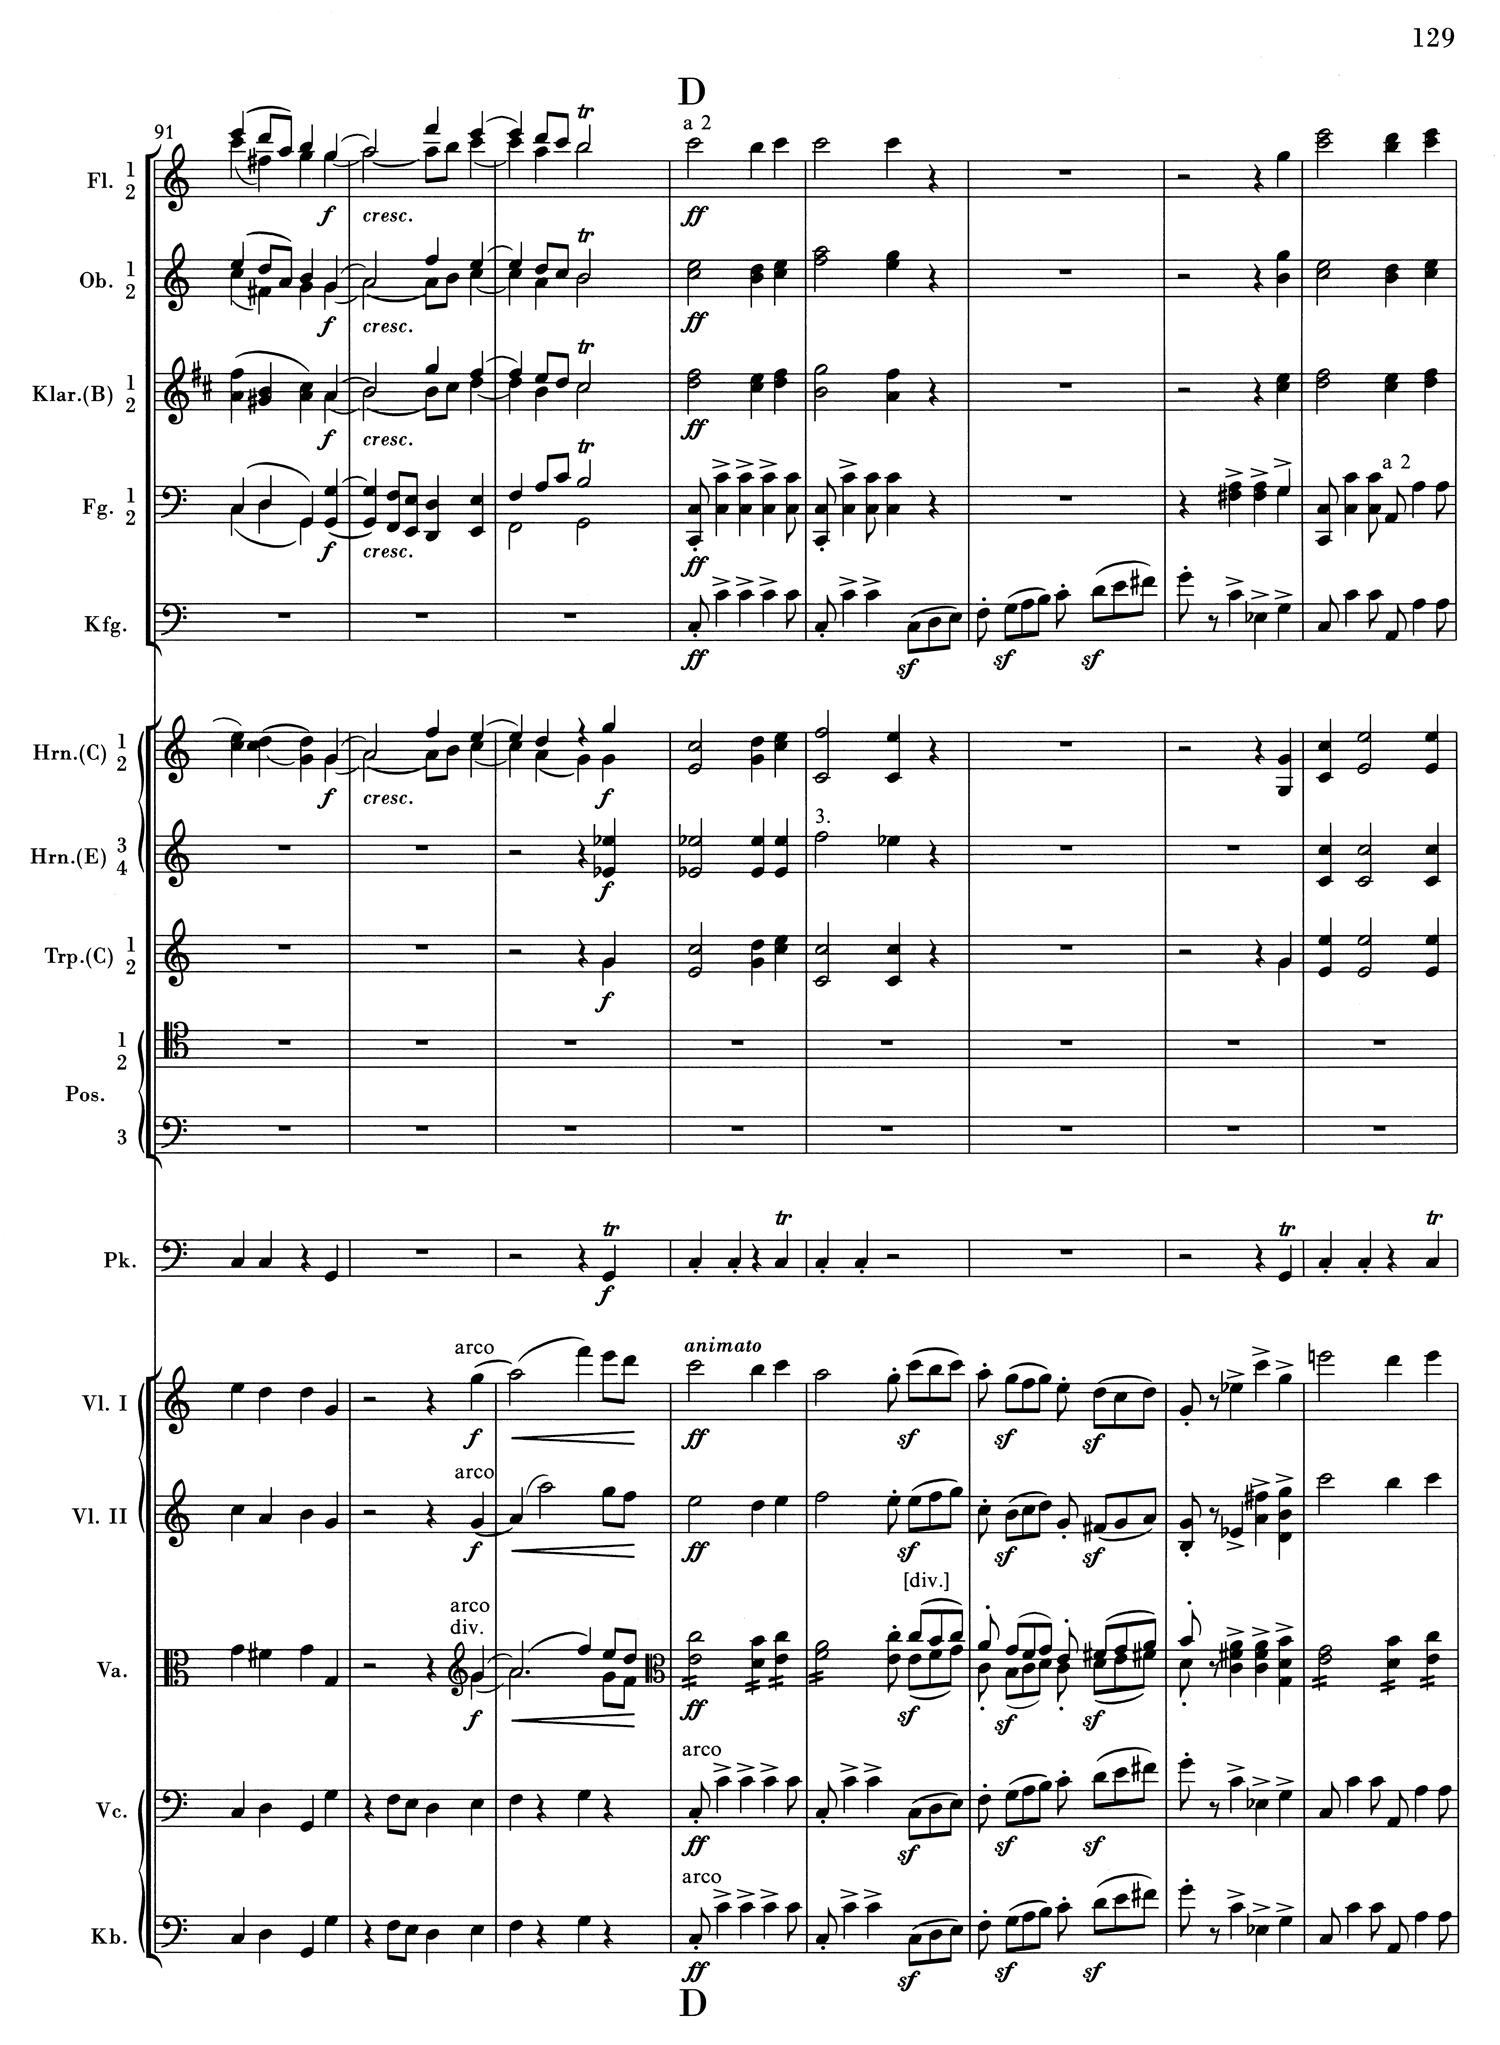 Brahms 1 Mvt 4 Score 1.jpg